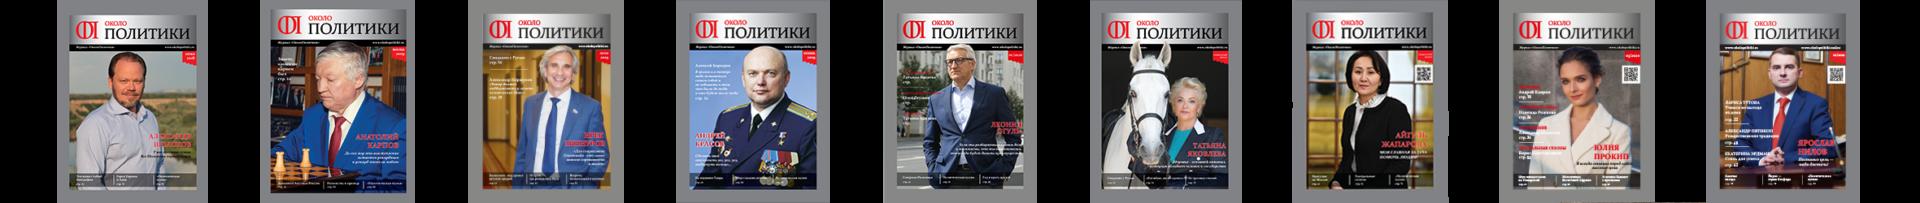 """журнал """"ОколоПолитики"""""""